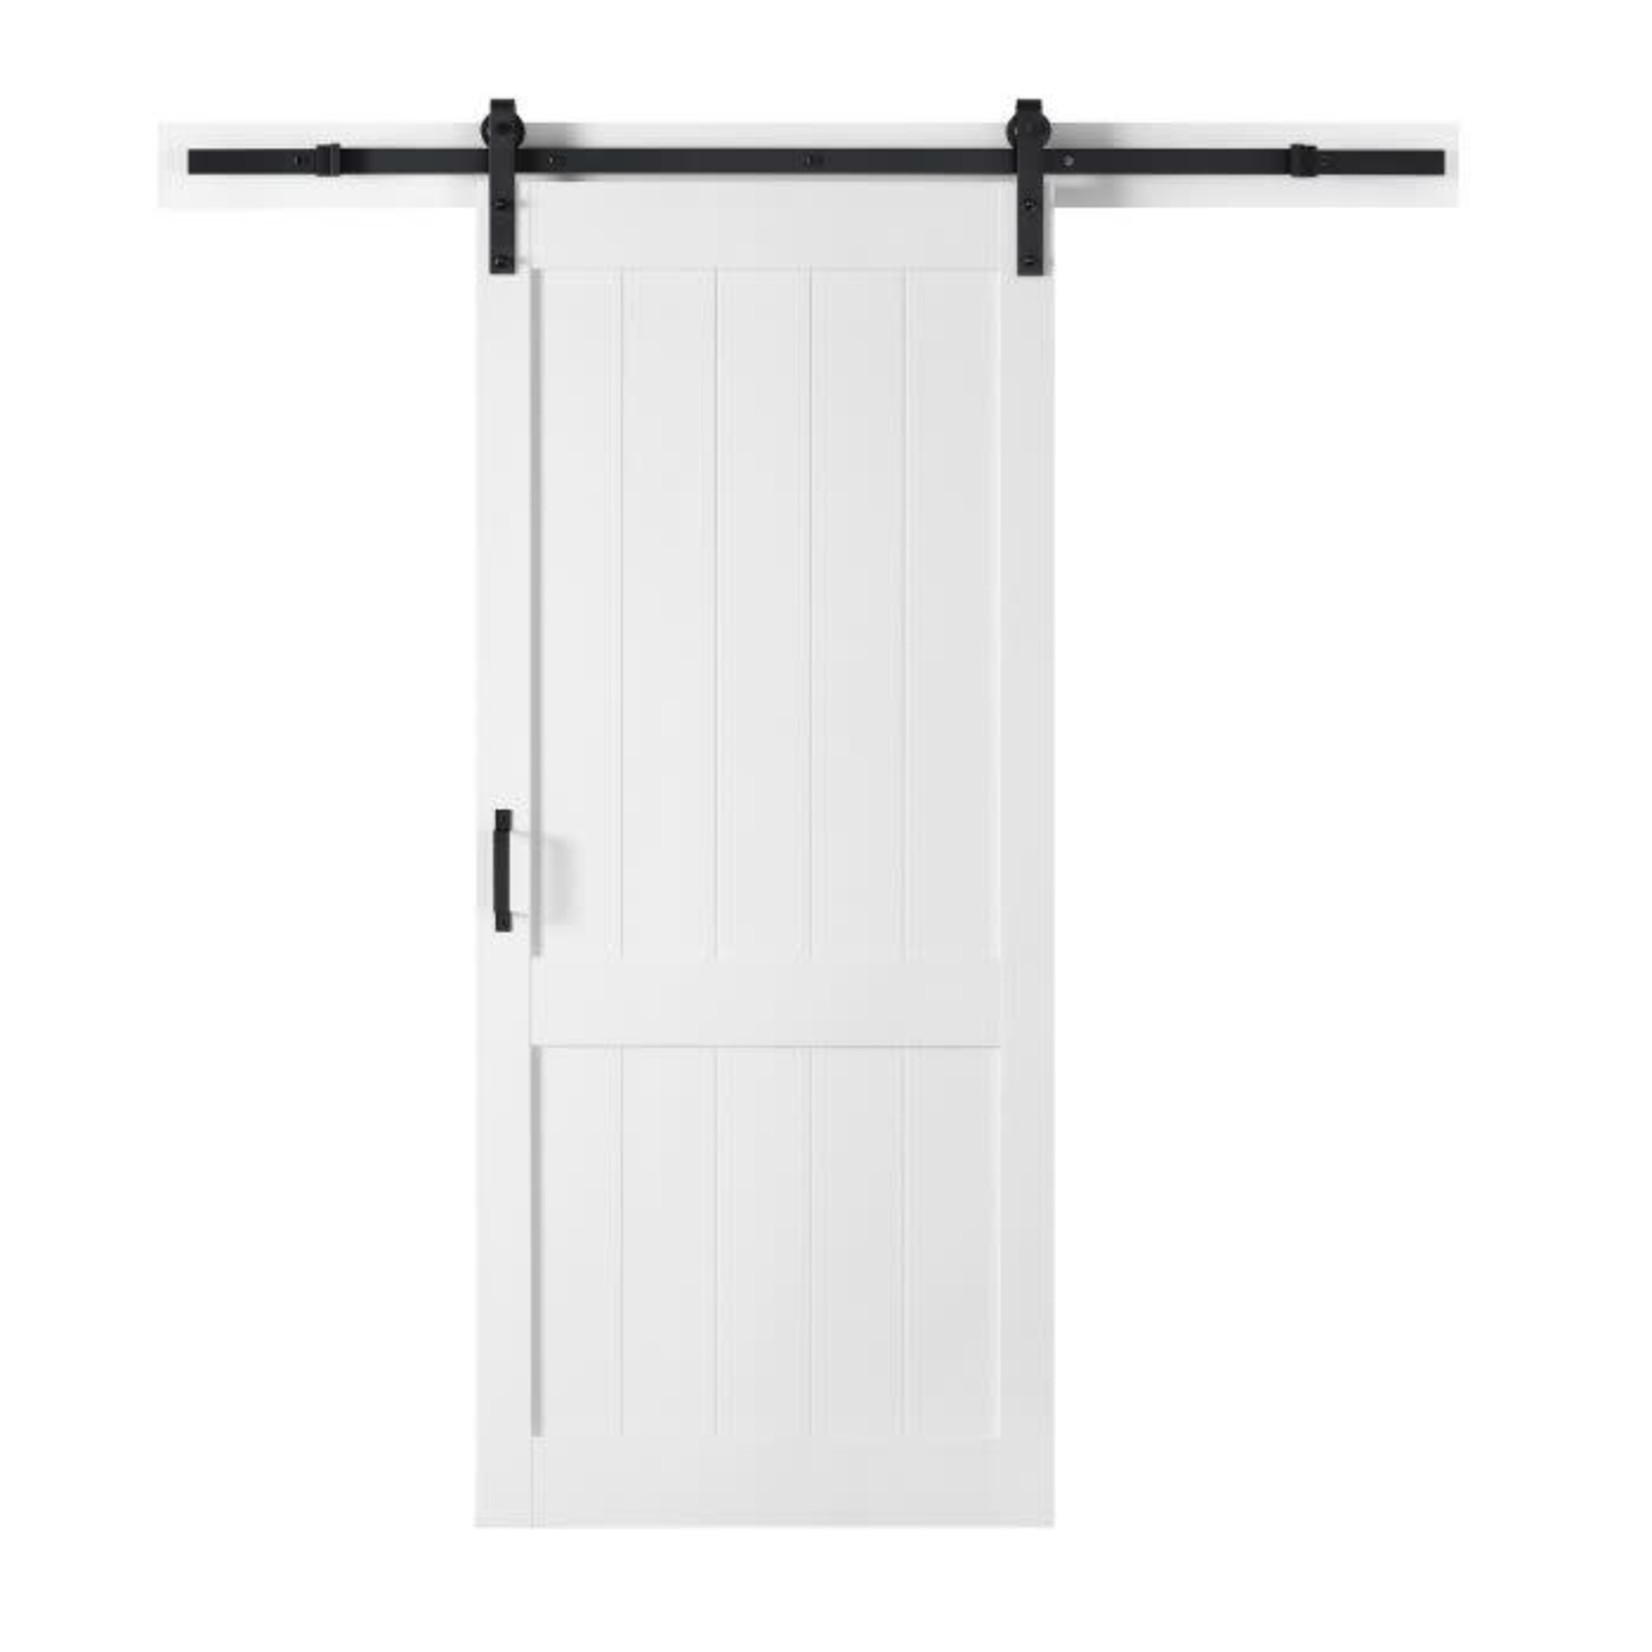 Barn Door Ove Homestead 104JS 36x84 Textured White